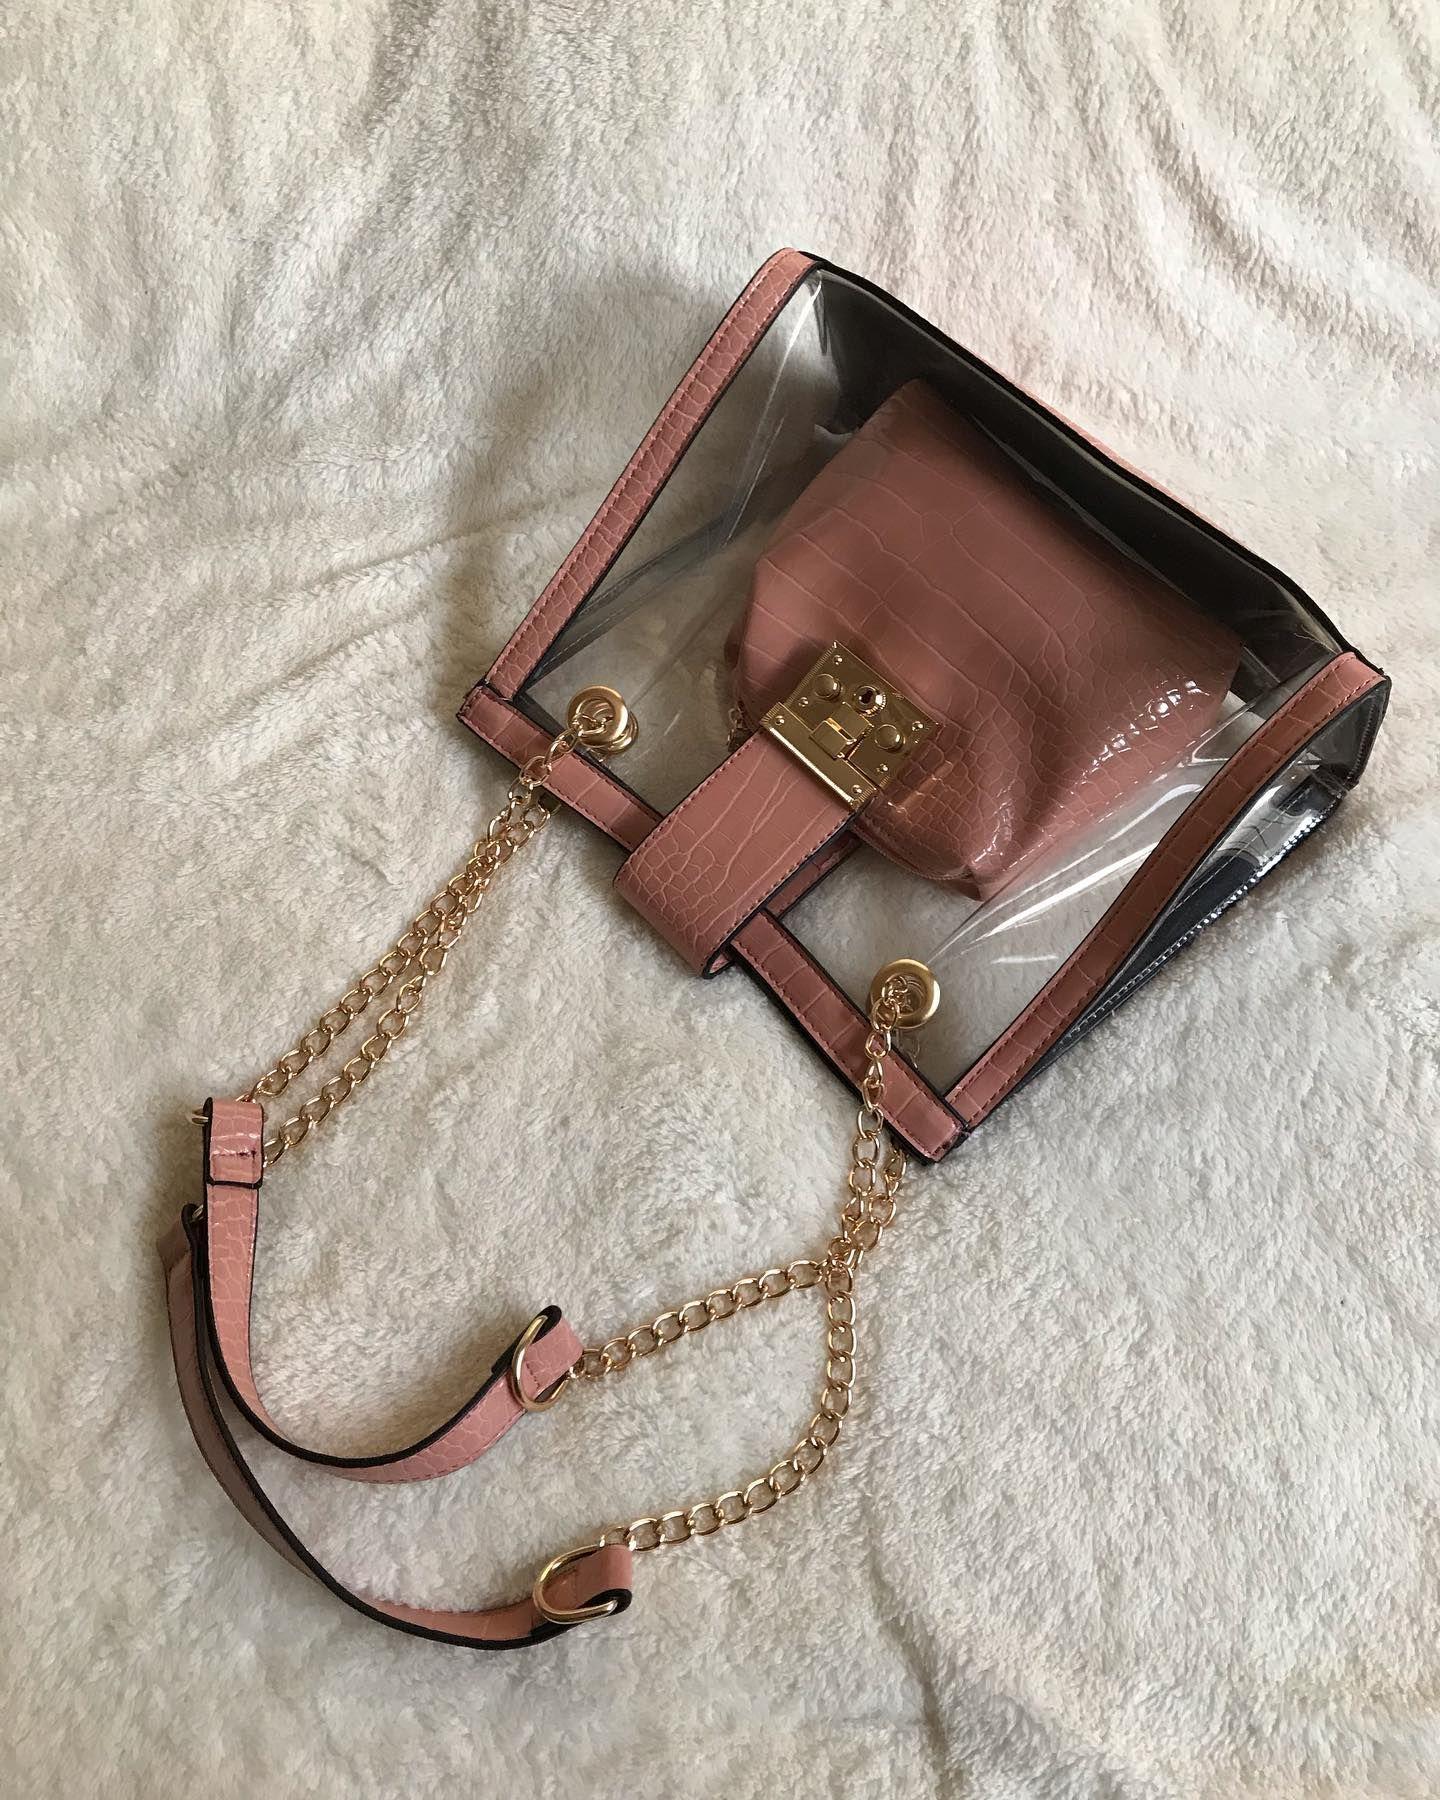 موديل جديد وصل حديثا السعر ٩٤ فقط ٢٩٠٩٢٤ لون لحمي شنطة شفافة Wallet On A Chain Wallet Bags